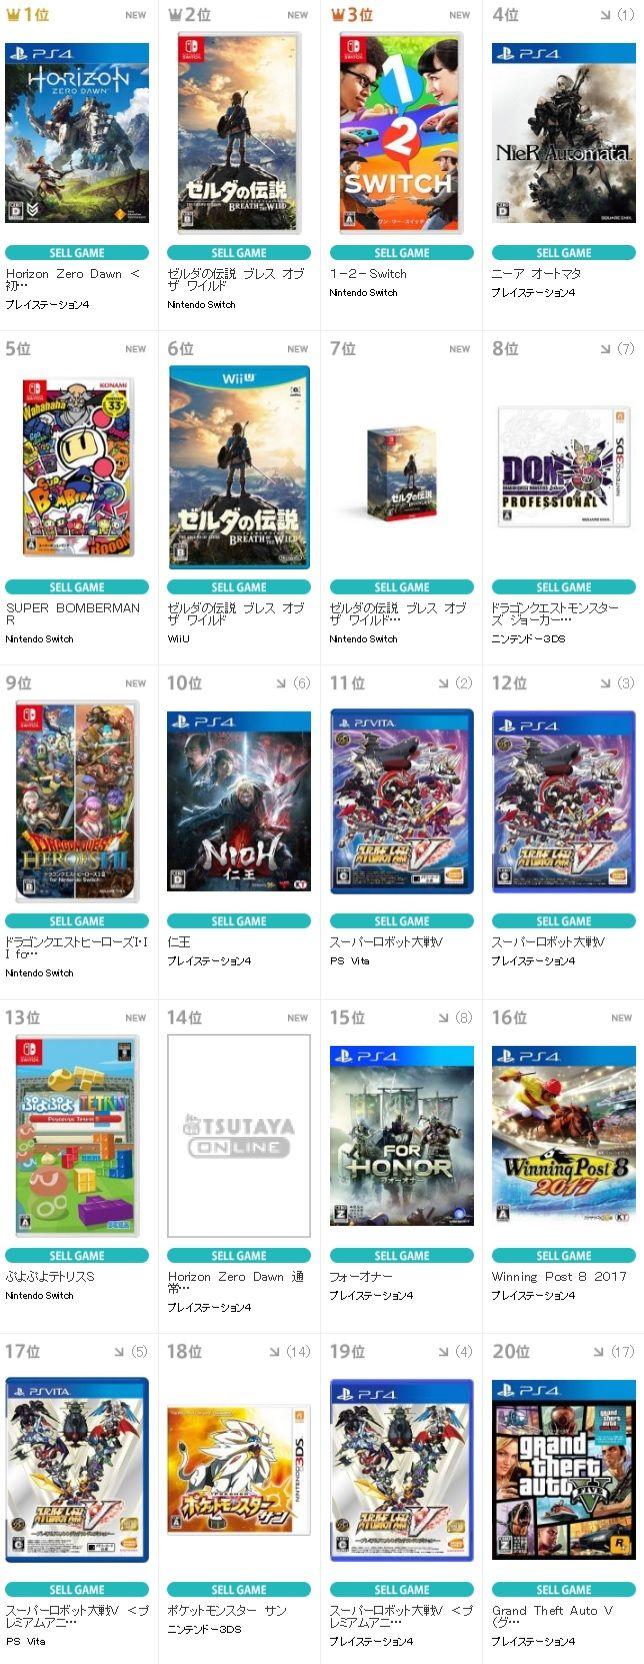 TSUTAYAランキング ゲーム全機種 - TSUTAYA online - ランキング